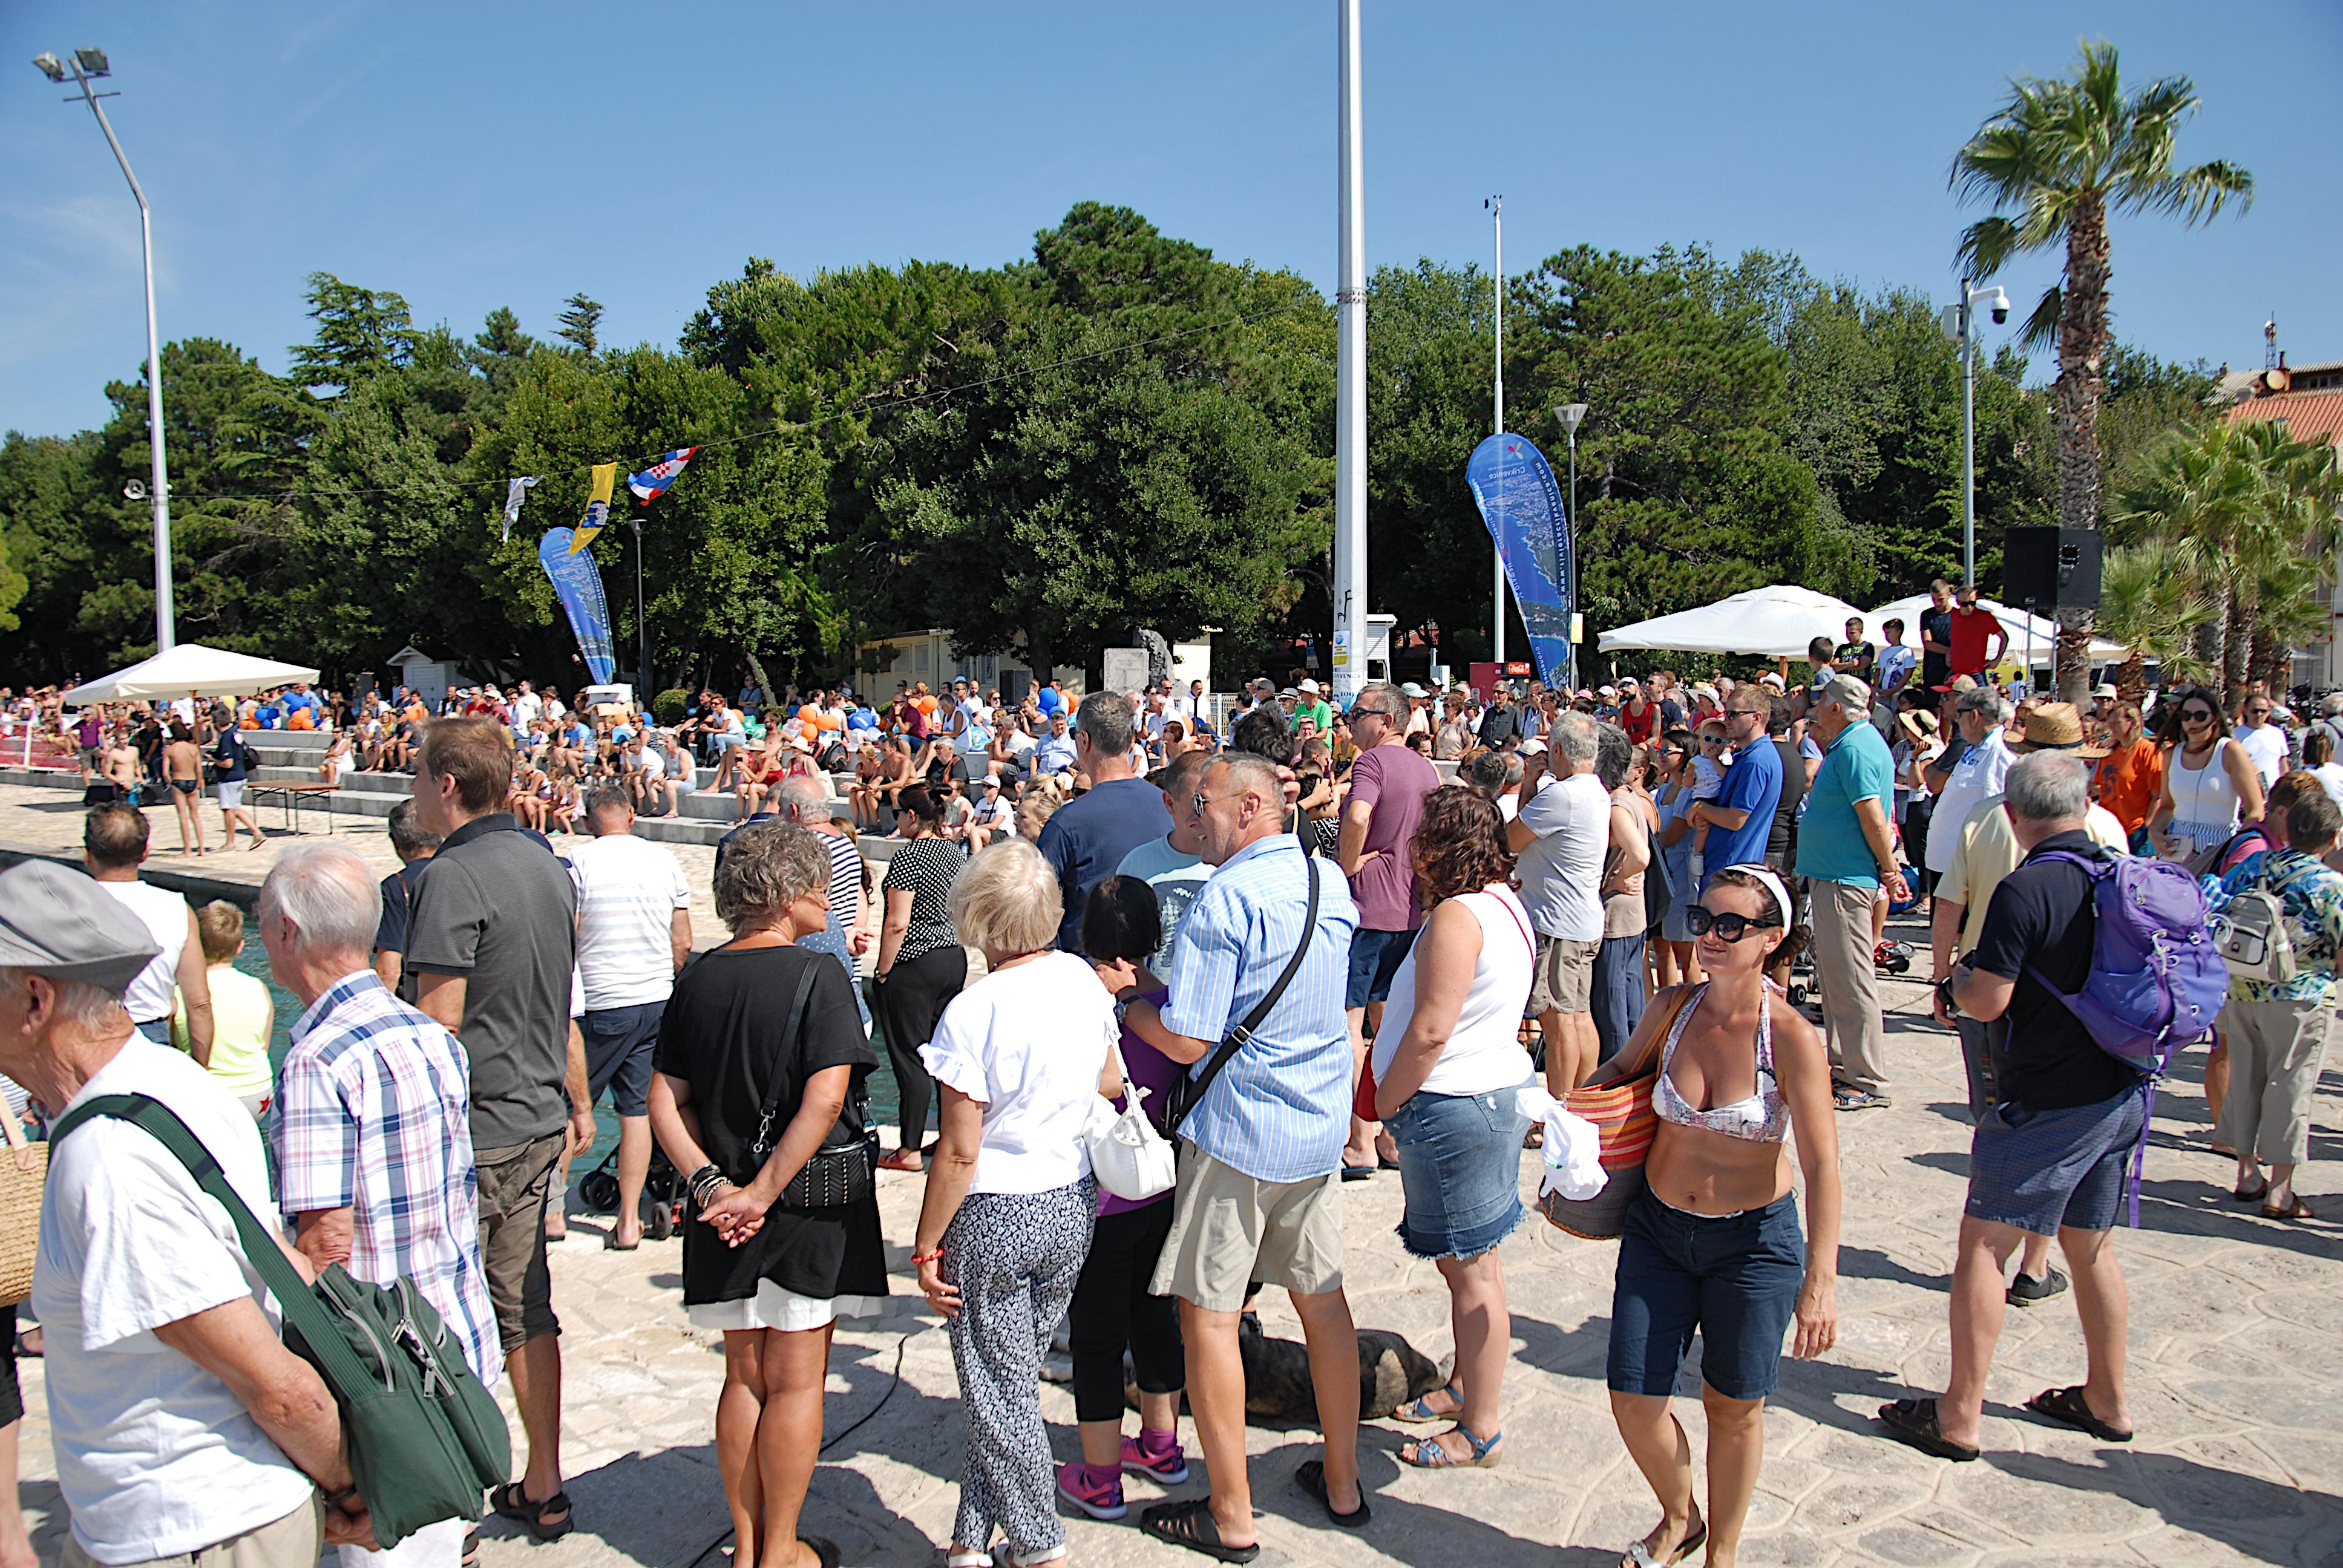 Maraton Šilo-Crikvenica: Brojni navijači na rivi u Crikvenici / Snimila Natapa CAR